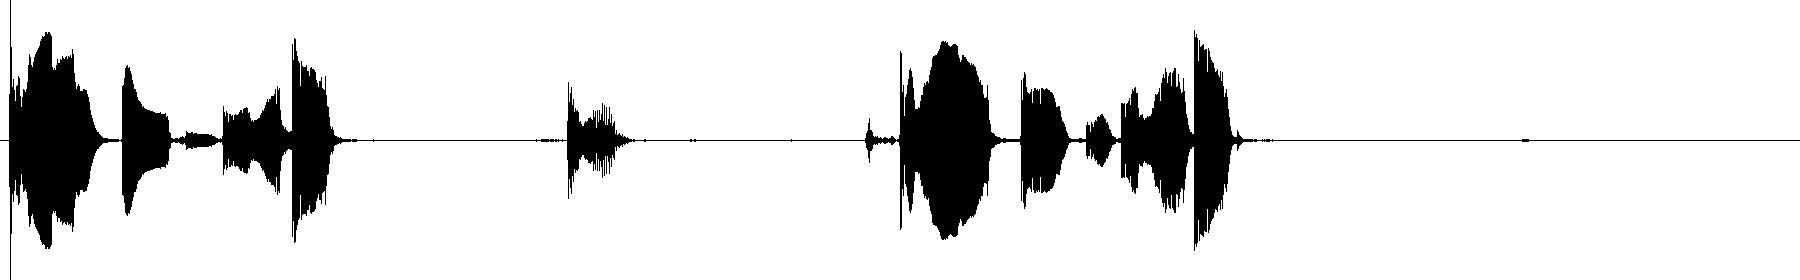 guitarfunk04 80